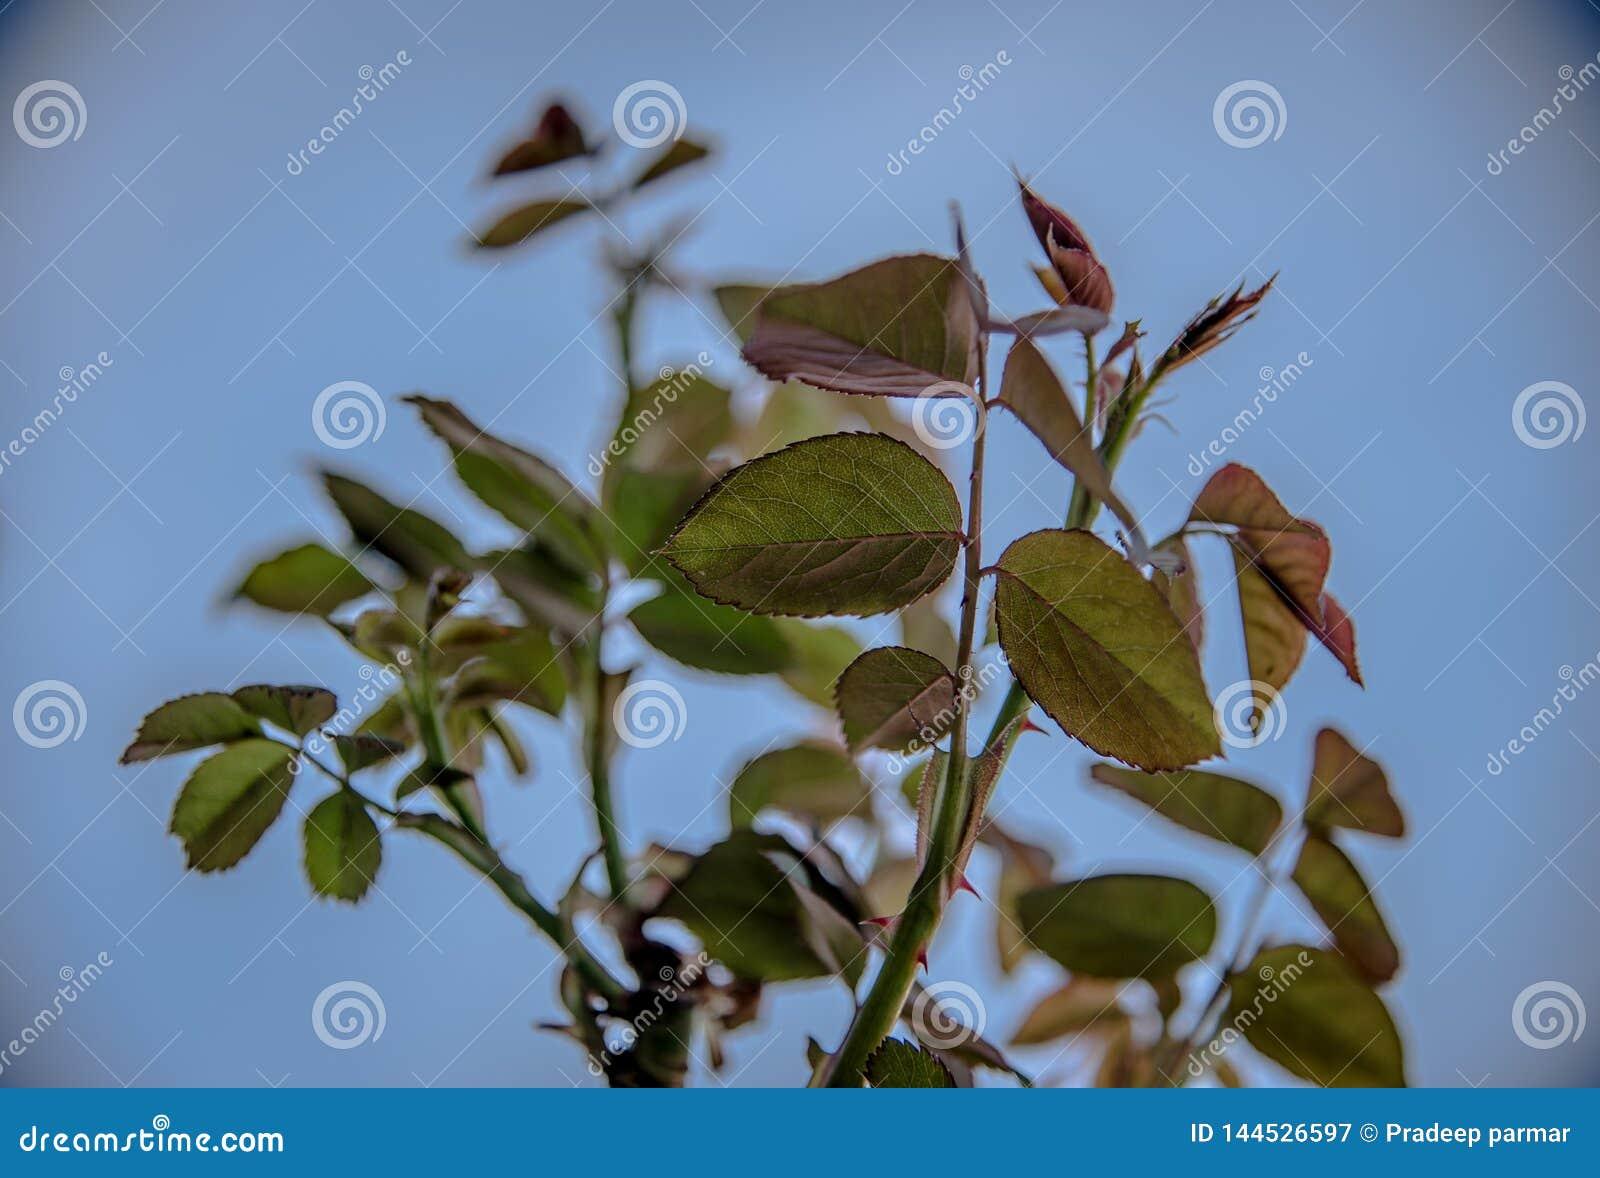 Wzrastał rośliny która jest w pełnym kwiacie ten sezonem rok Zobaczył ten rośliny na śladzie